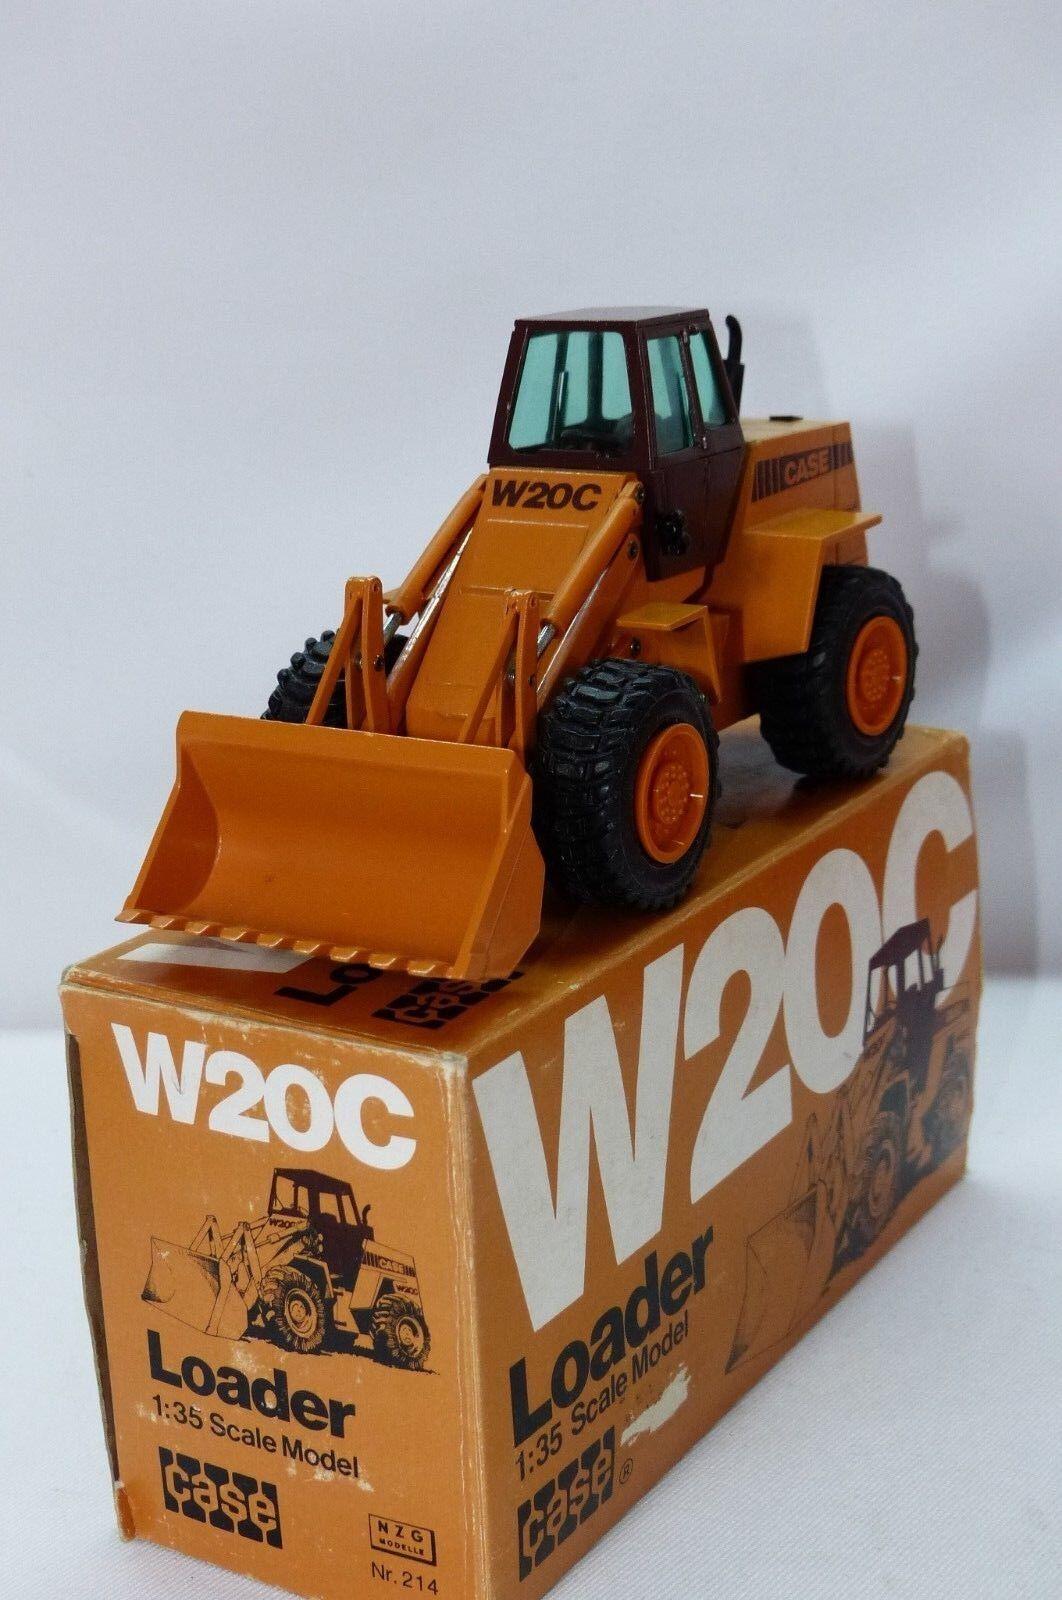 NZG Nº 214 affaire W20 C chargeuse à l'échelle 1.35 MB